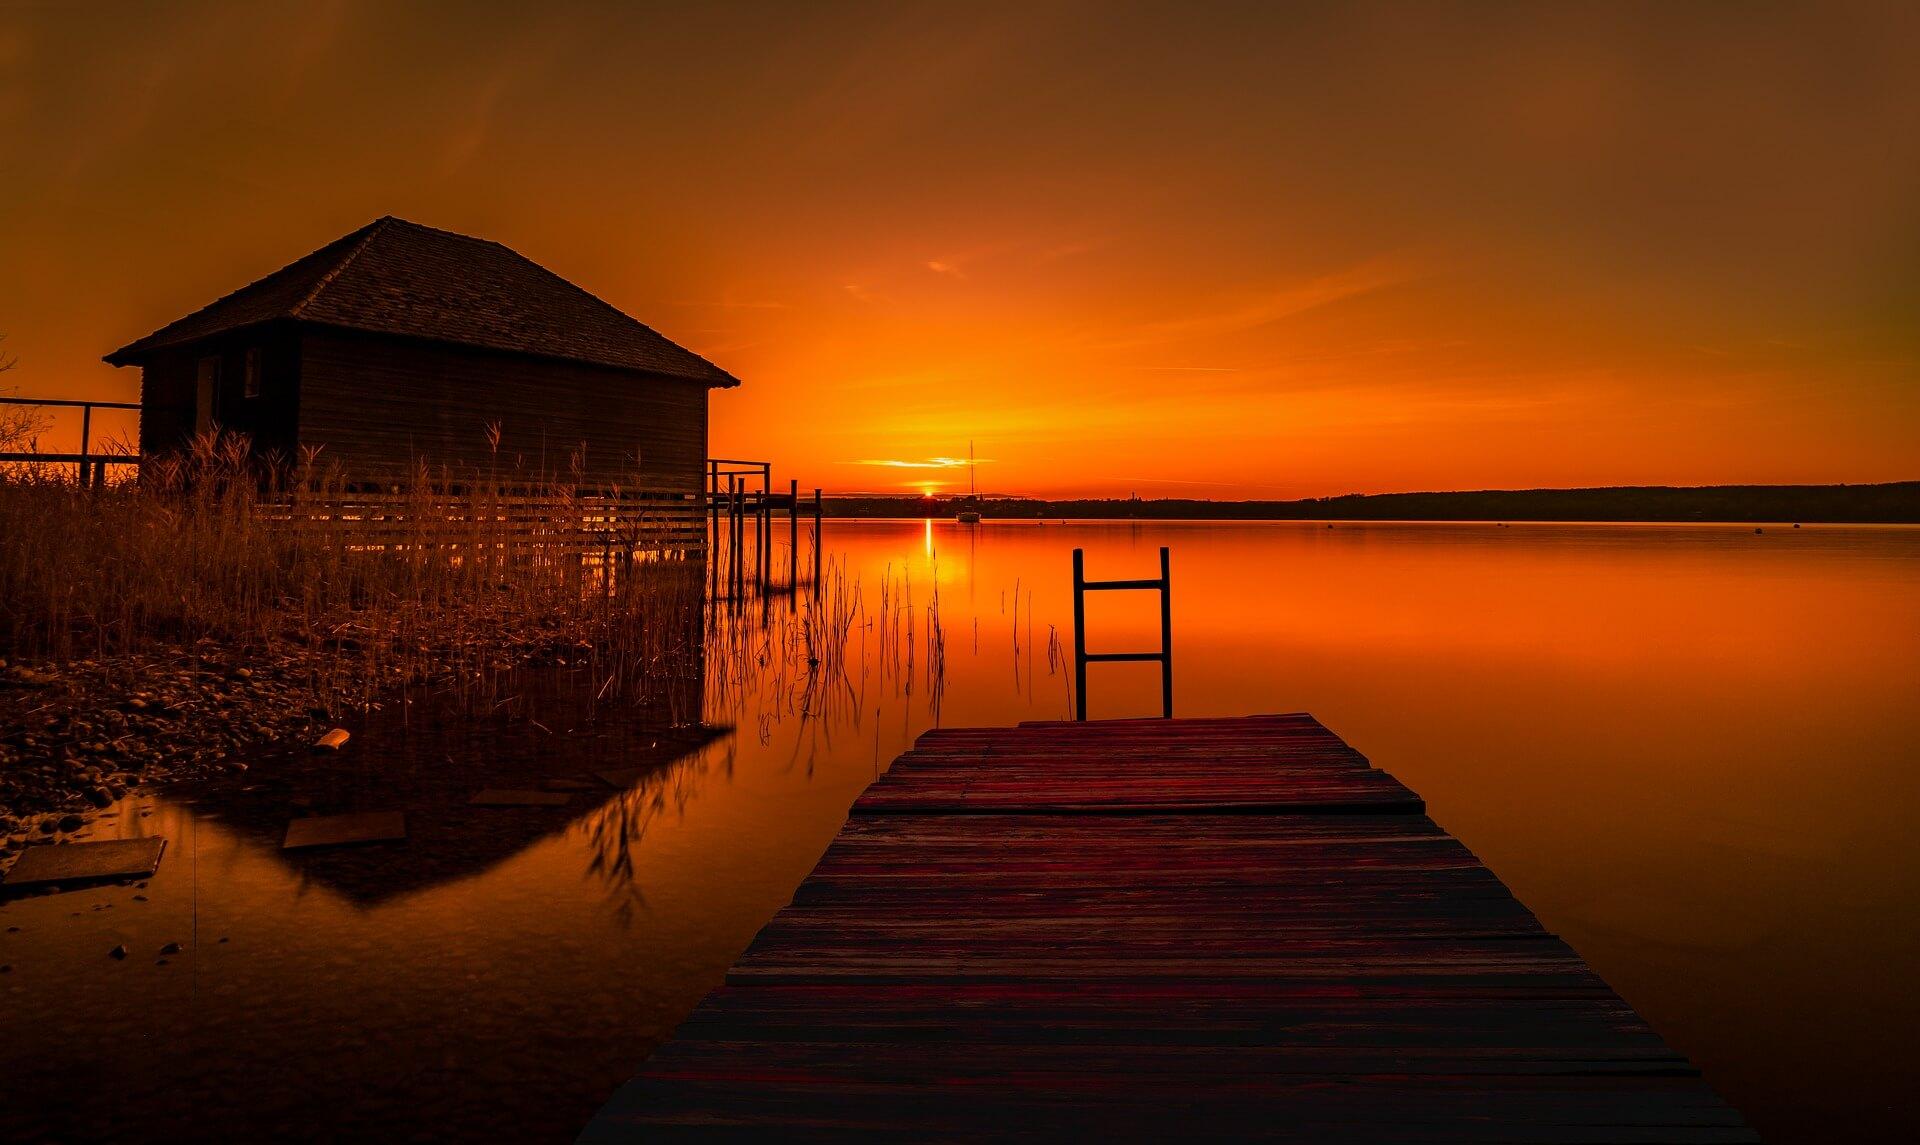 Im Abendrot des Glaubenslebens: Hütte und Steg bei Sonnenuntergang an einem See